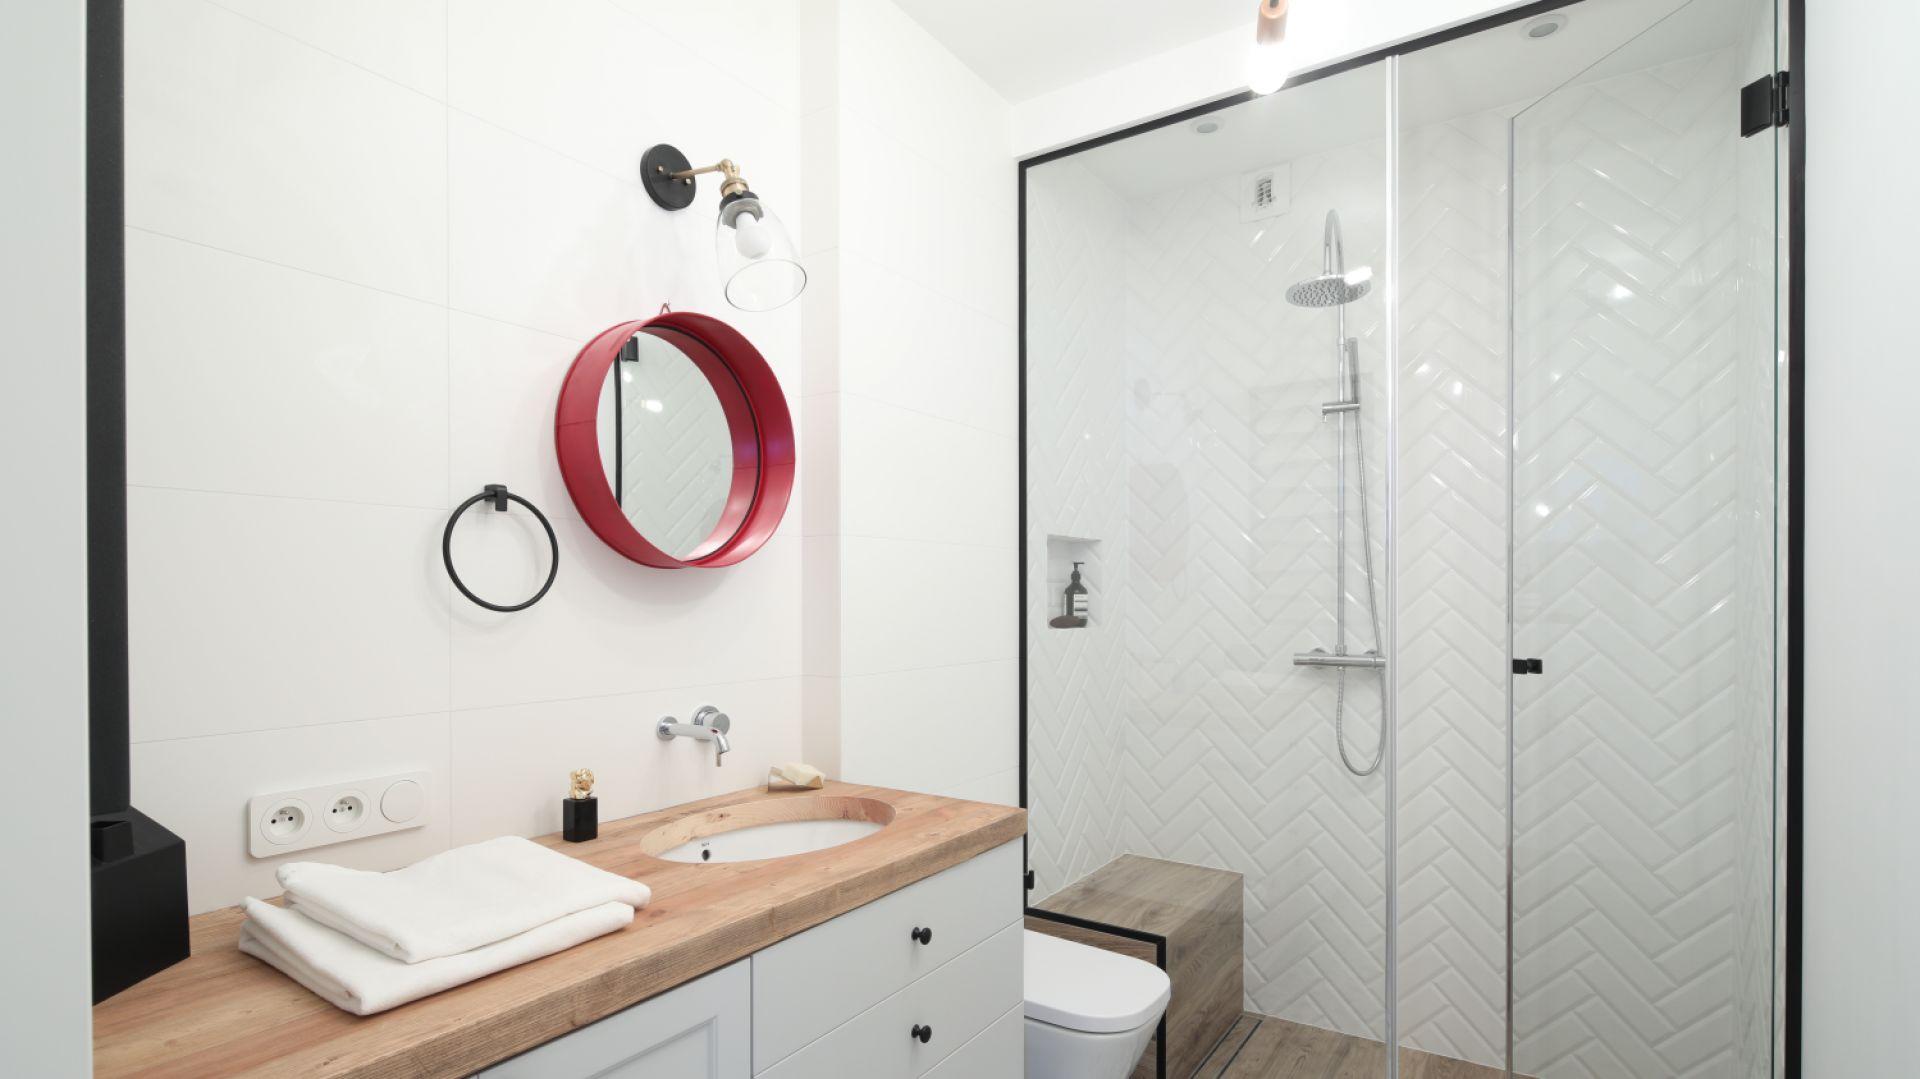 Pomysł na lustro łazienkowe: w efektownej kolorowej ramie. Proj. łazienki: Anna Krzak. Fot. Bartosz Jarosz